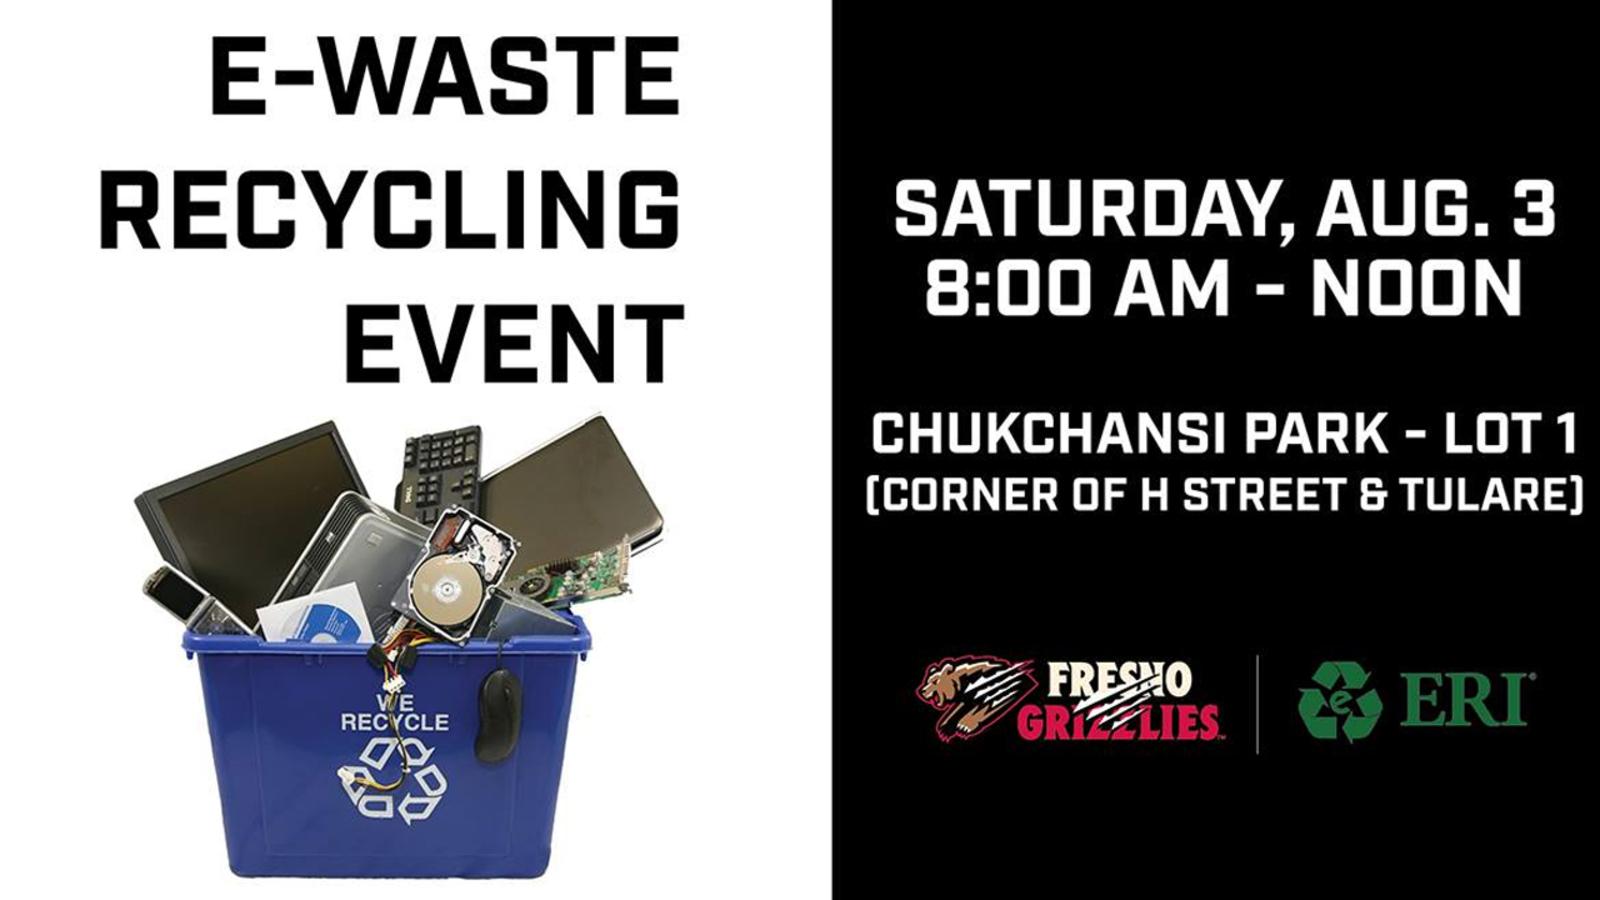 Fresno Grizzlies hosting e-waste recycling event